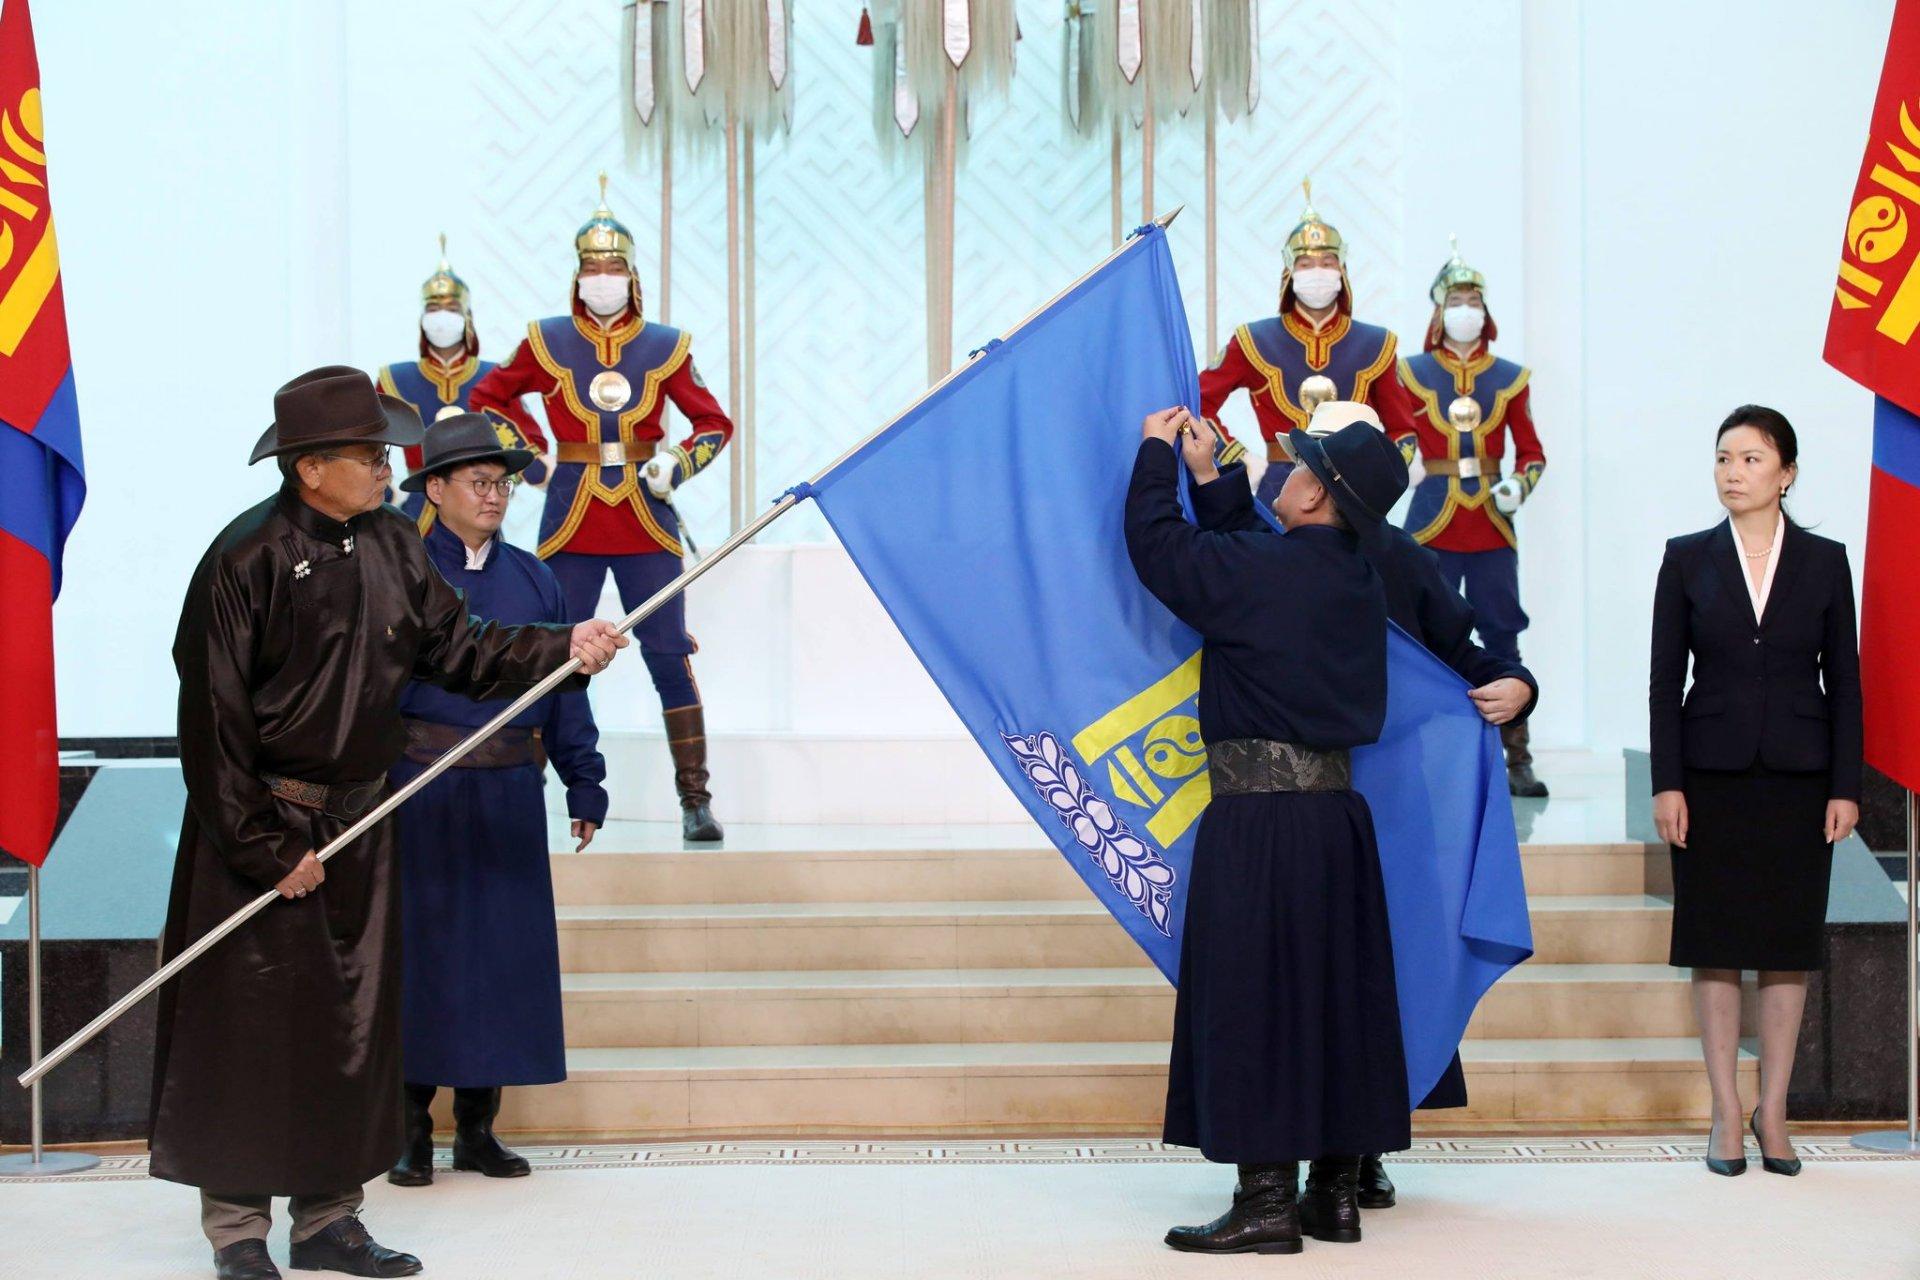 """МУ-ын Ерөнхийлөгч Х.Баттулга """"Монголын Ардчилсан холбоо"""" төрийн бус байгууллагыг Монгол Улсын Баатар цолоор шагналаа"""